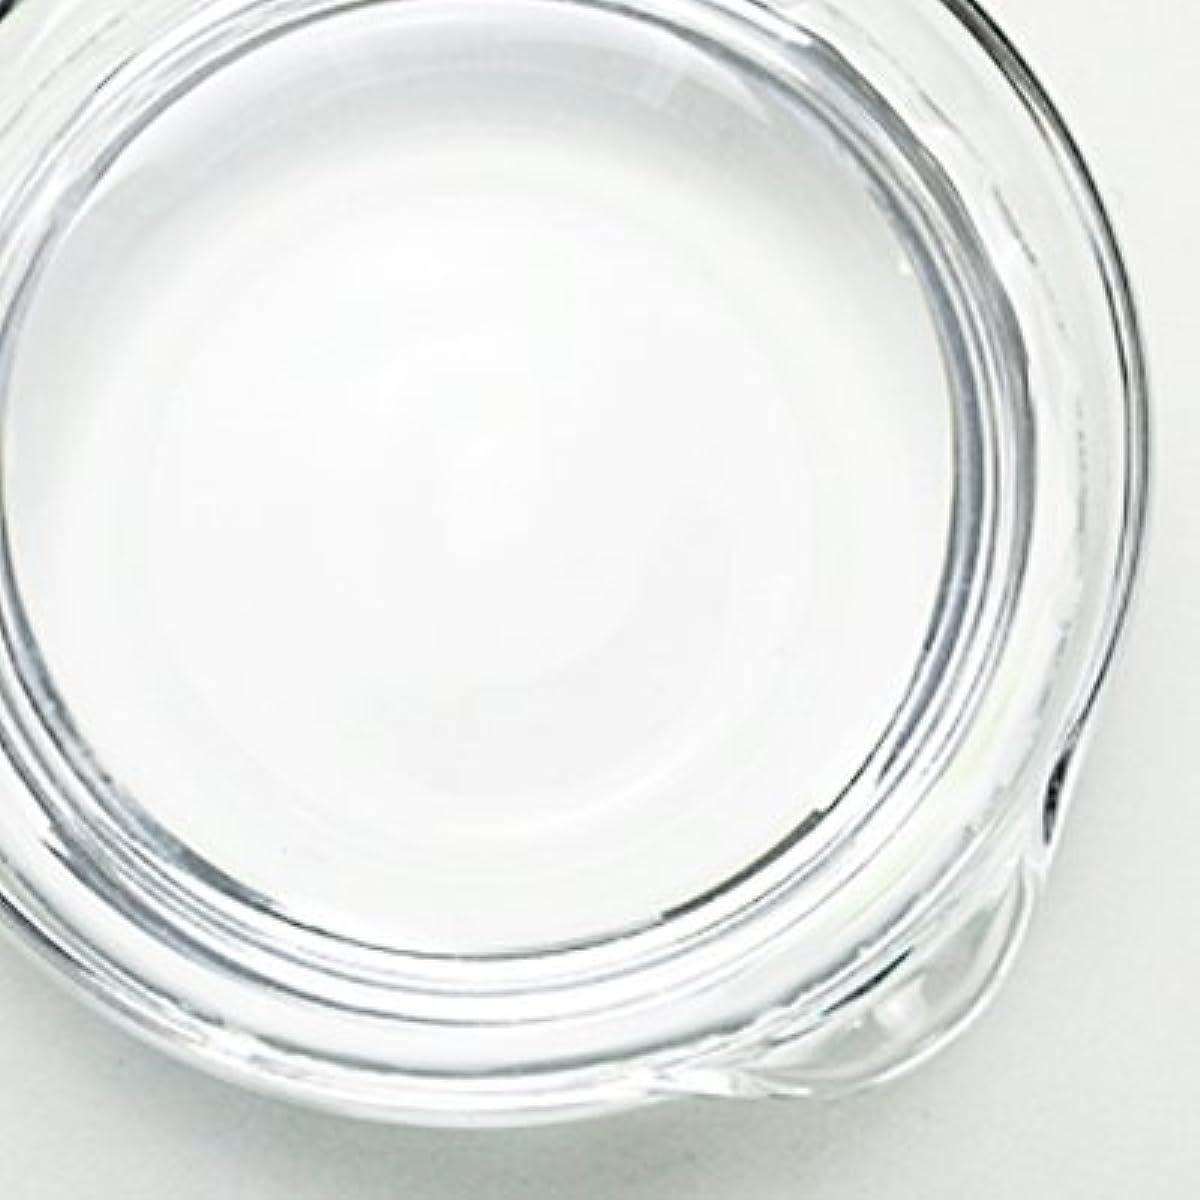 論争の的海外で悲しいことに1,3-ブチレングリコール[BG] 100ml 【手作り石鹸/手作りコスメ】